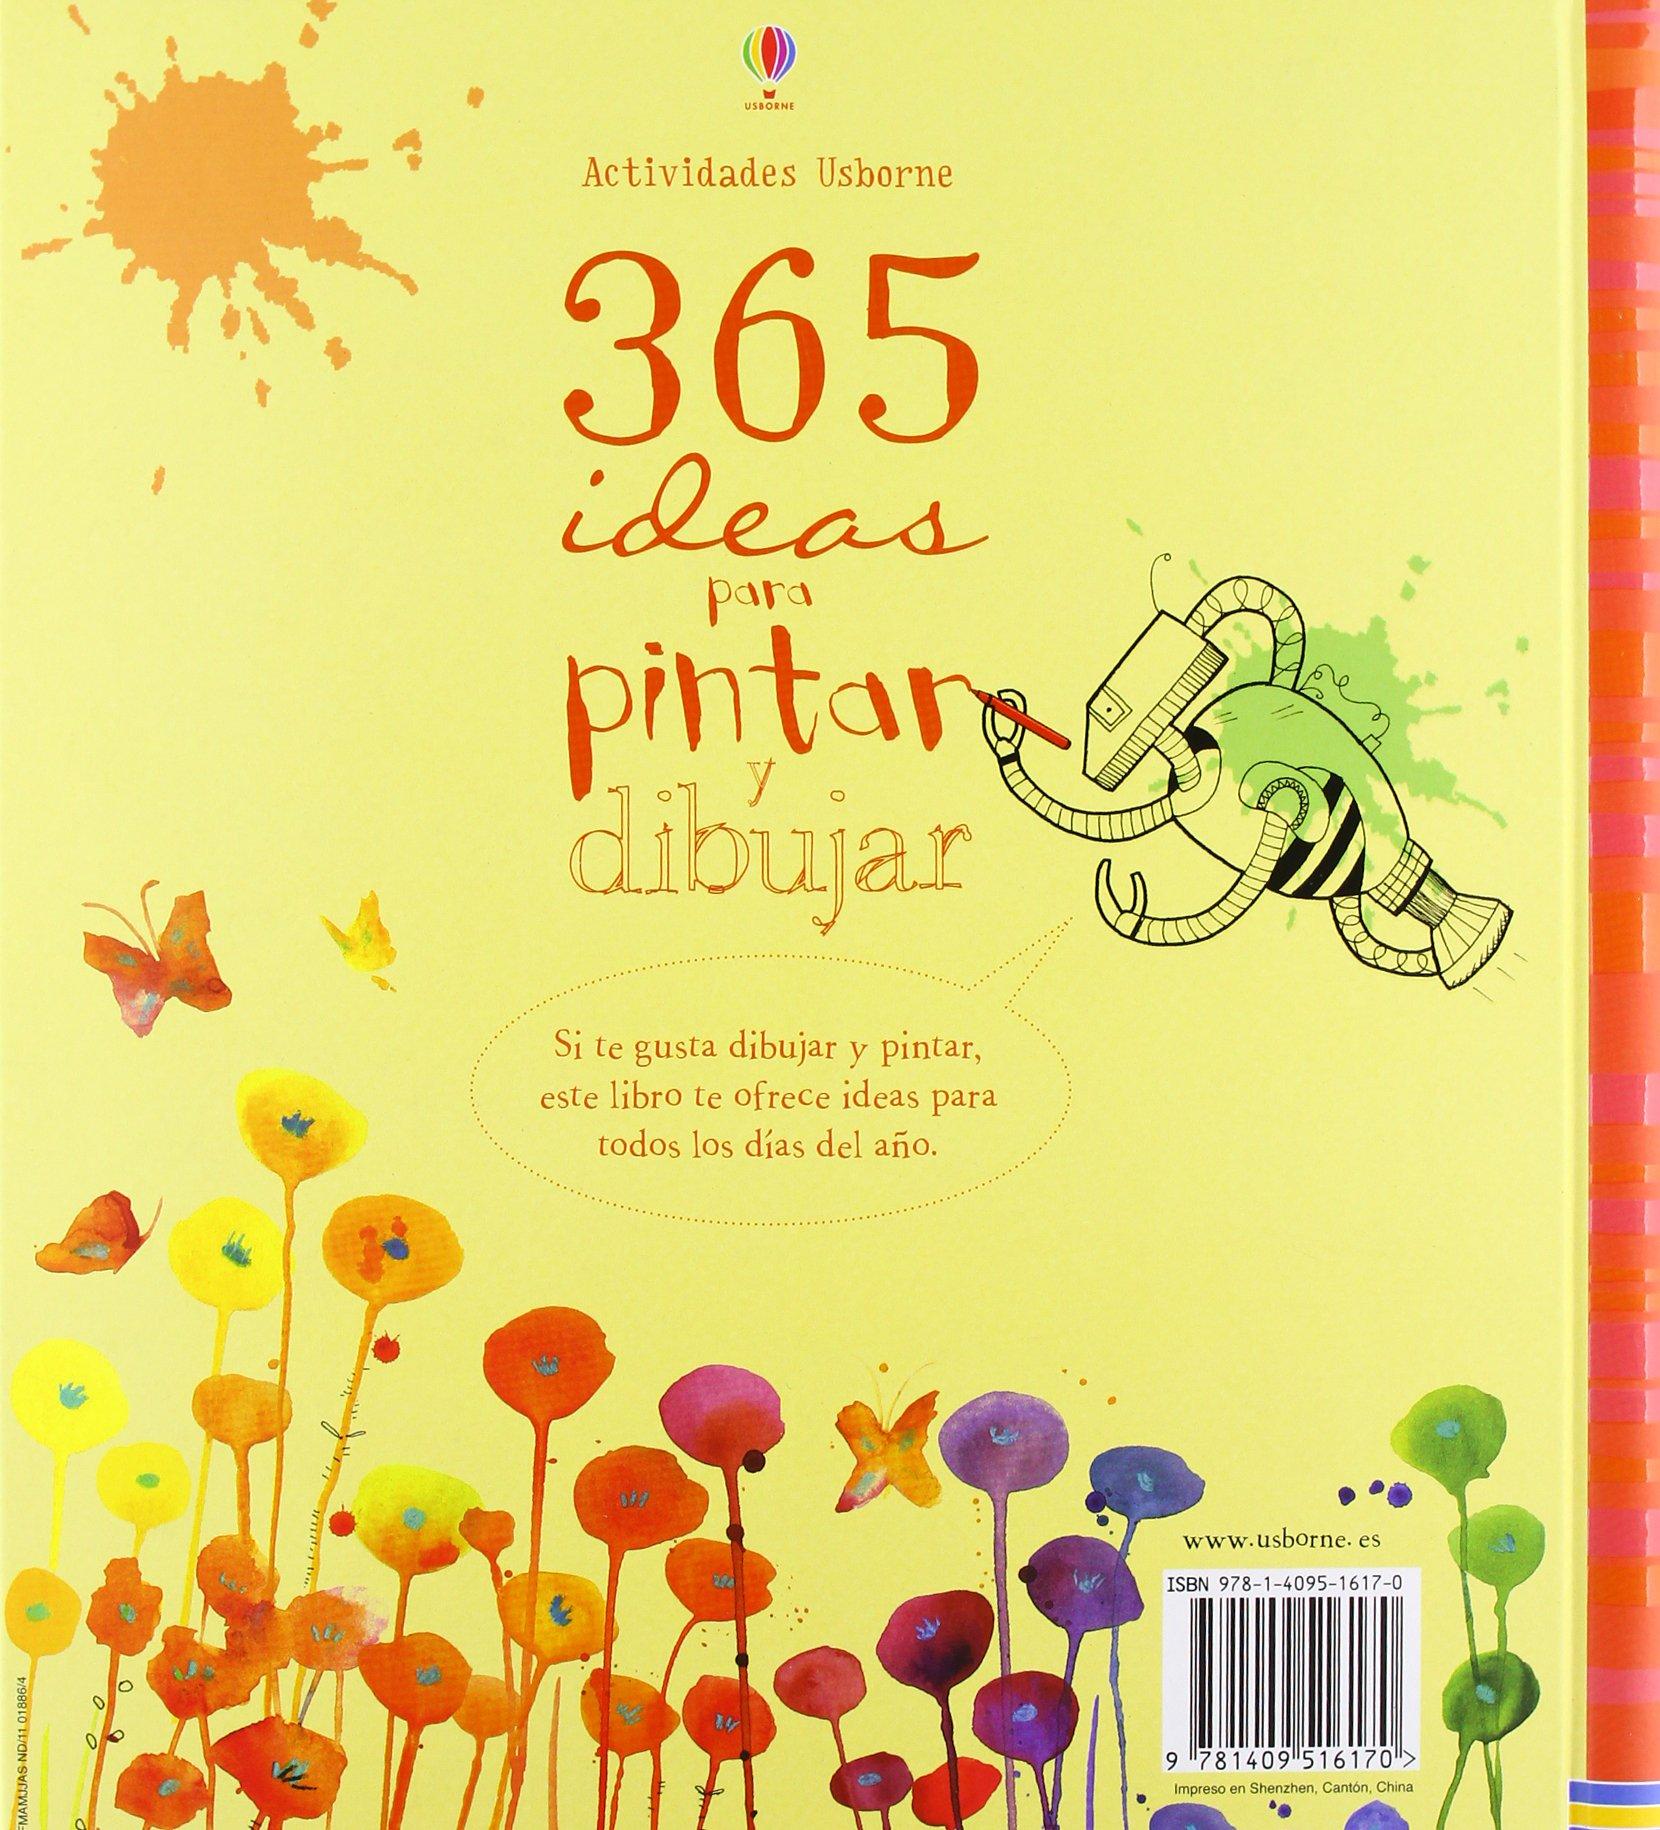 365 ideas para pintar y dibujar Actividades usborne: Amazon.es ...